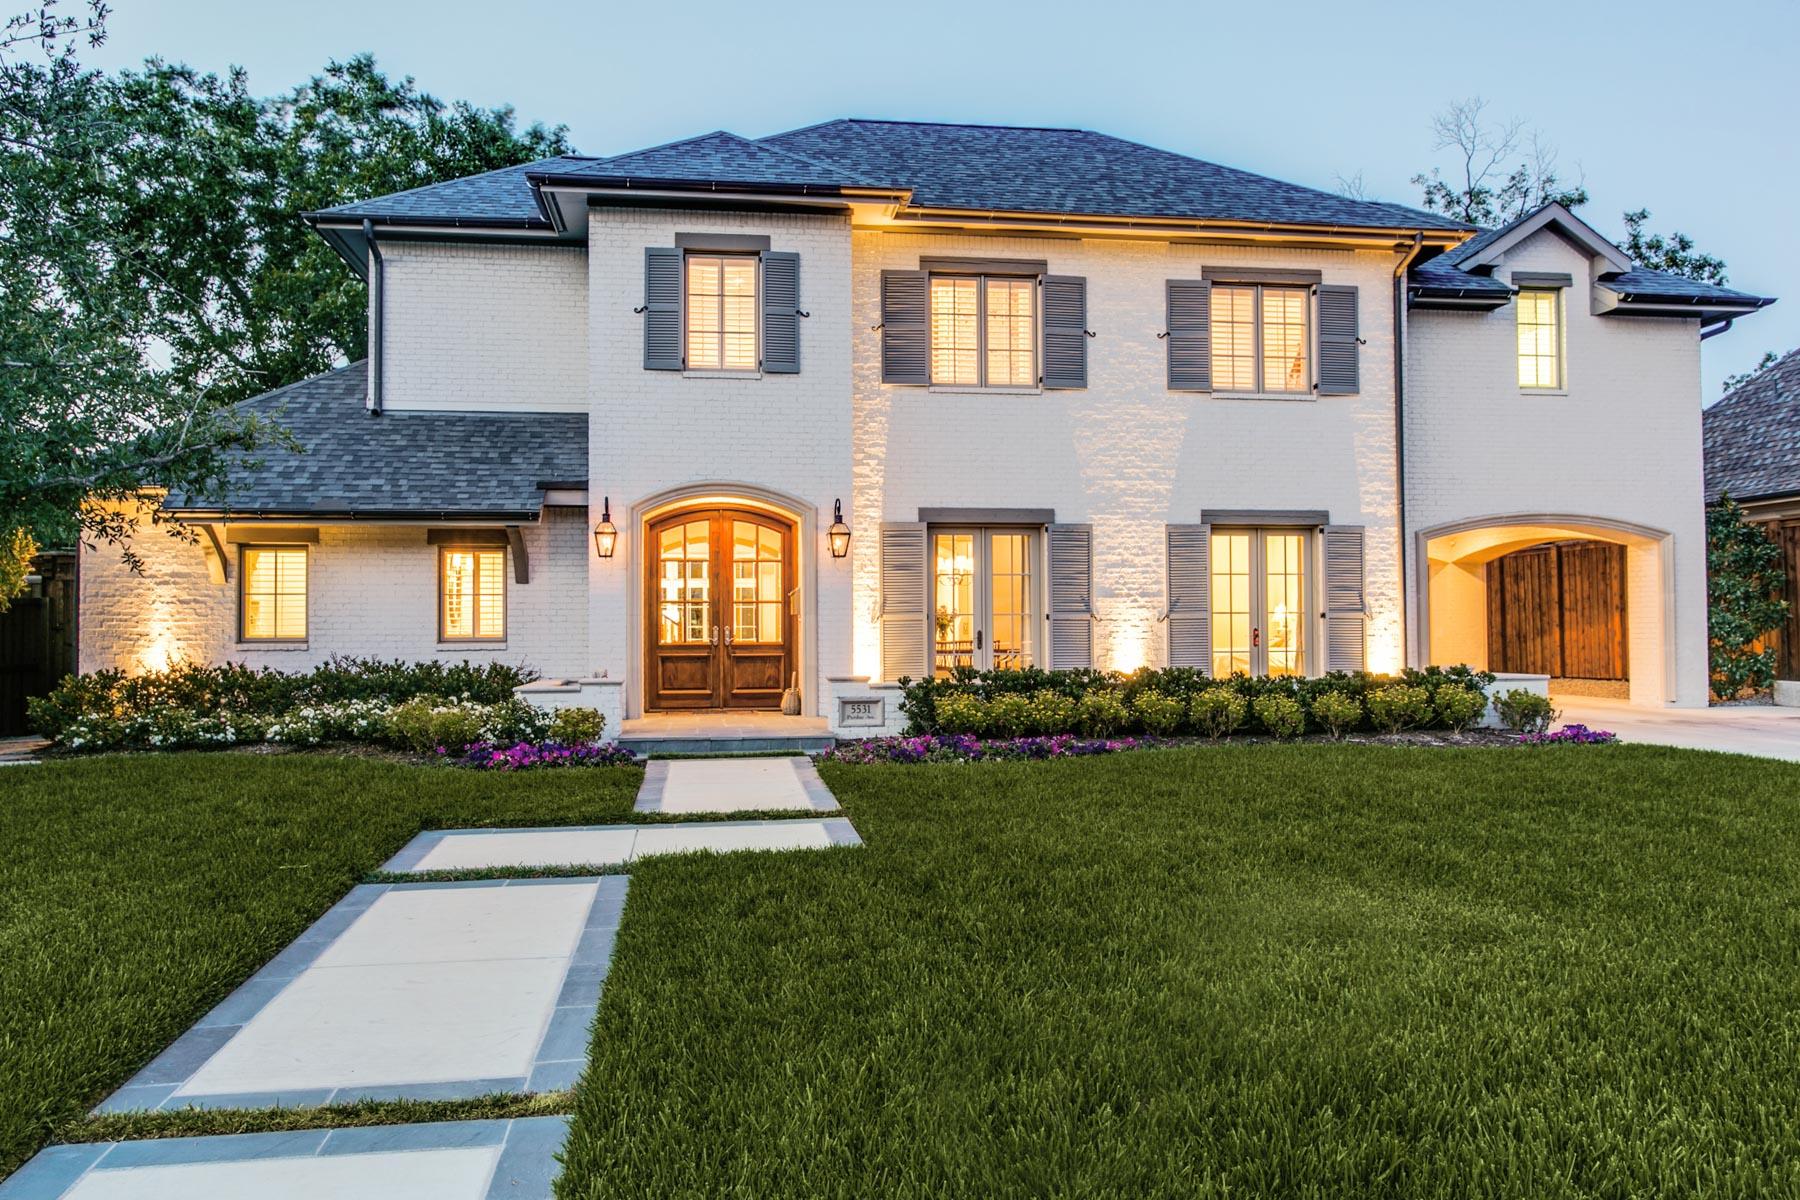 Casa Unifamiliar por un Venta en Sophisticated Transitional in Devonshire 5531 Purdue Avenue Dallas, Texas 75209 Estados Unidos